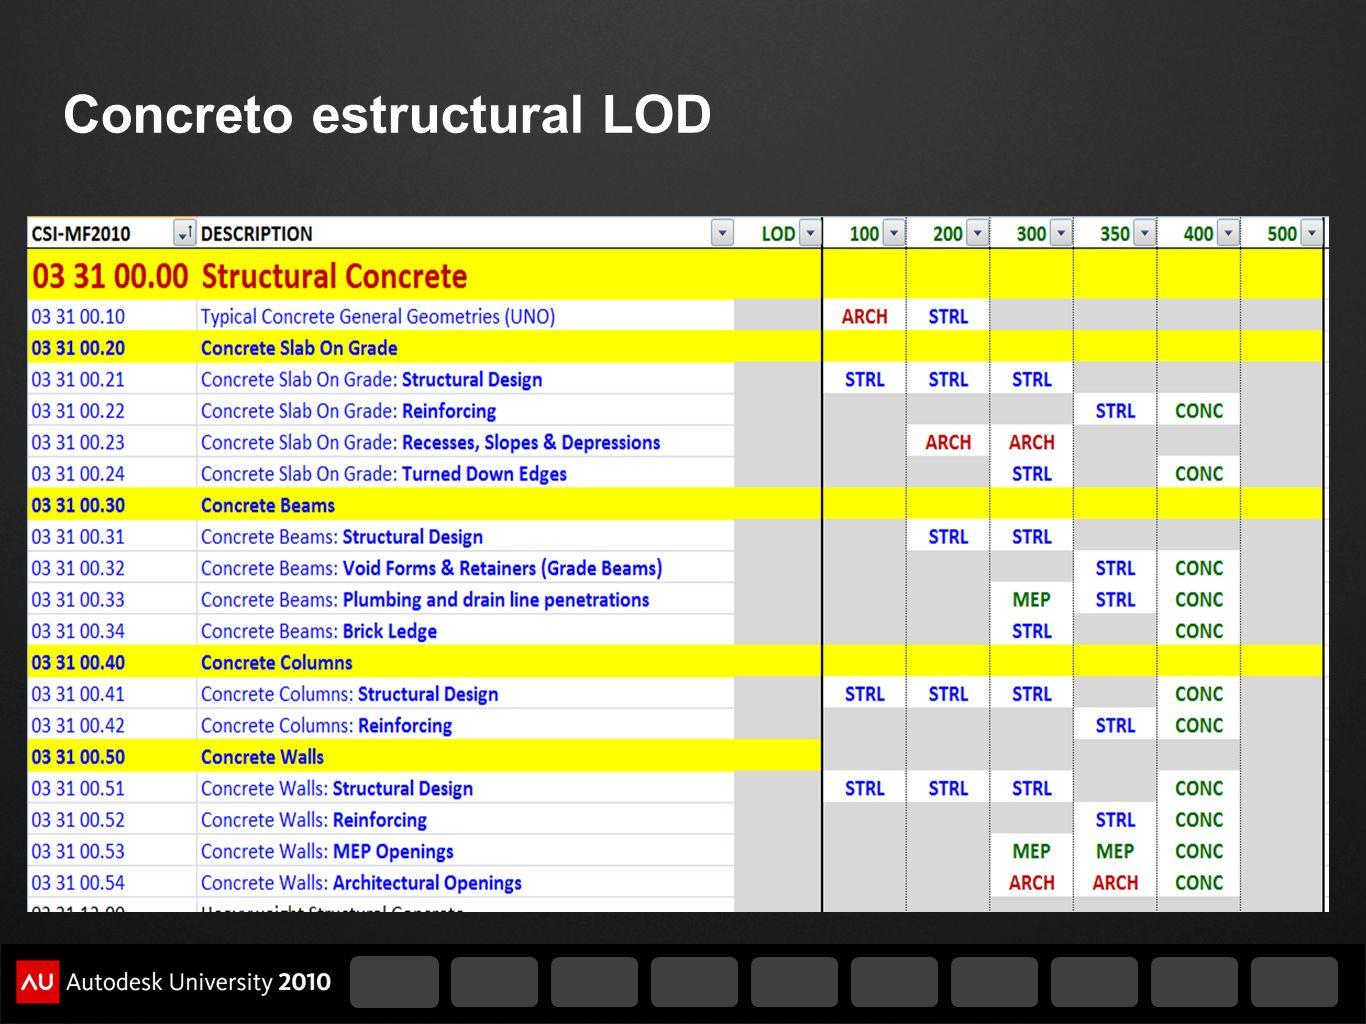 Concreto estructural LOD